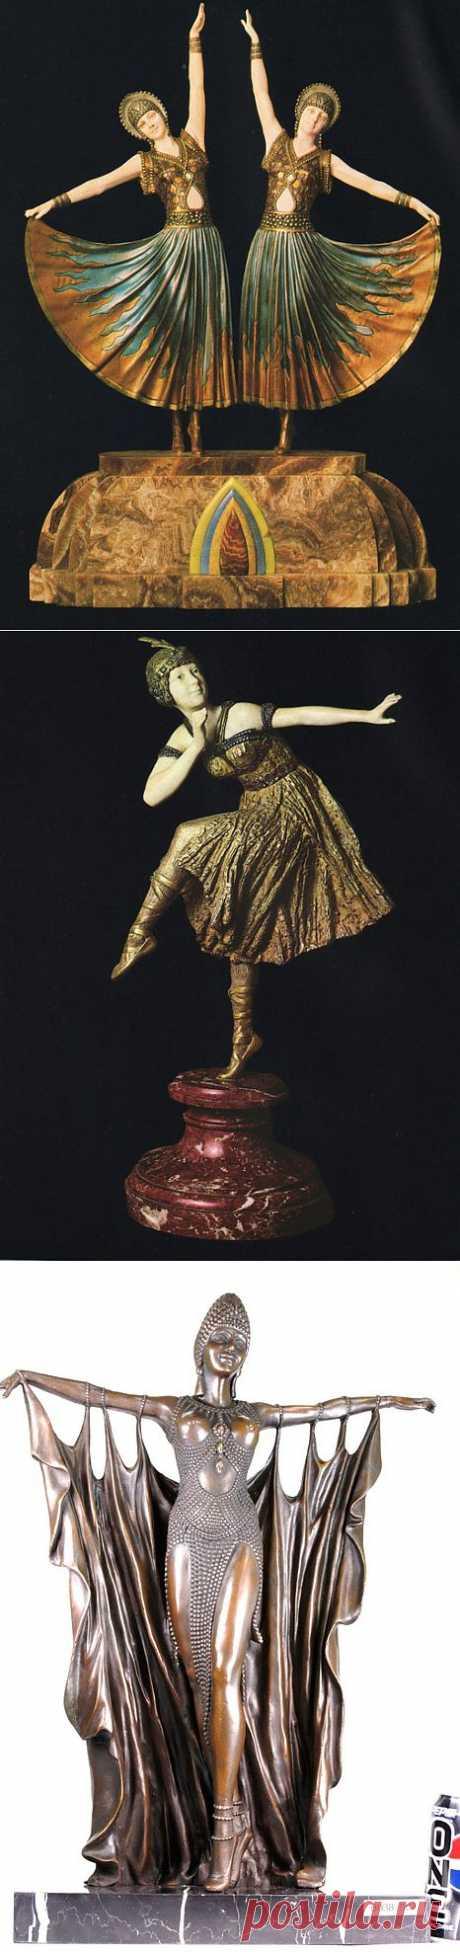 Дмитрий Чипарус — скульптор эпохи Ар-деко | Искусство